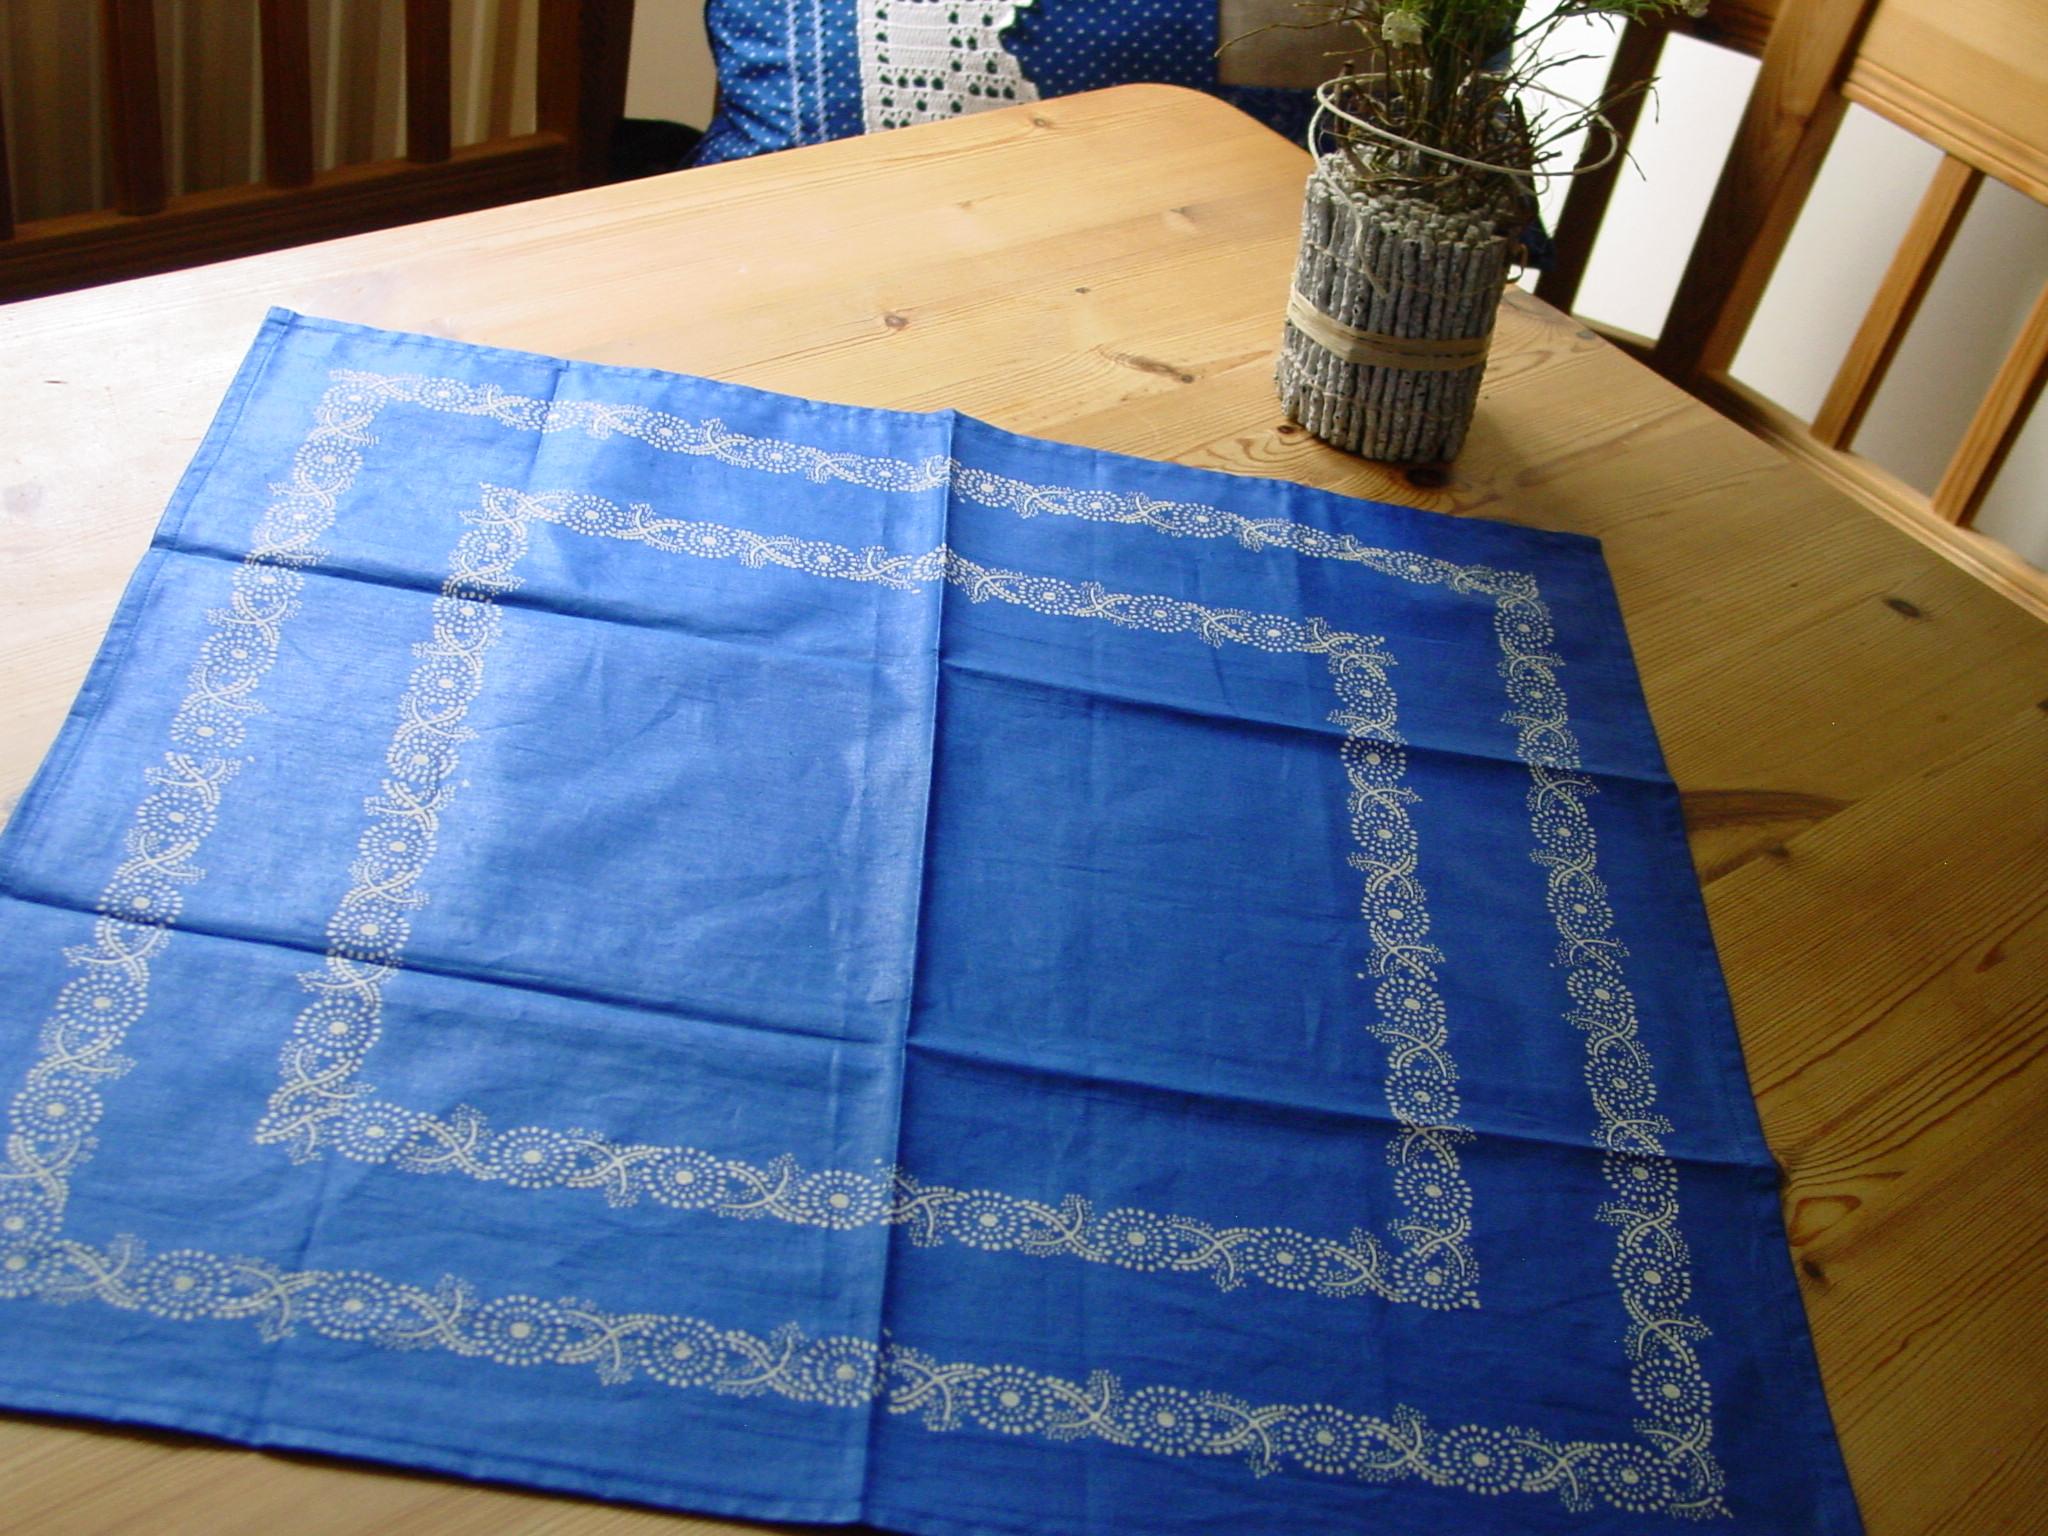 Blaudruck - Deckchen 6122-0